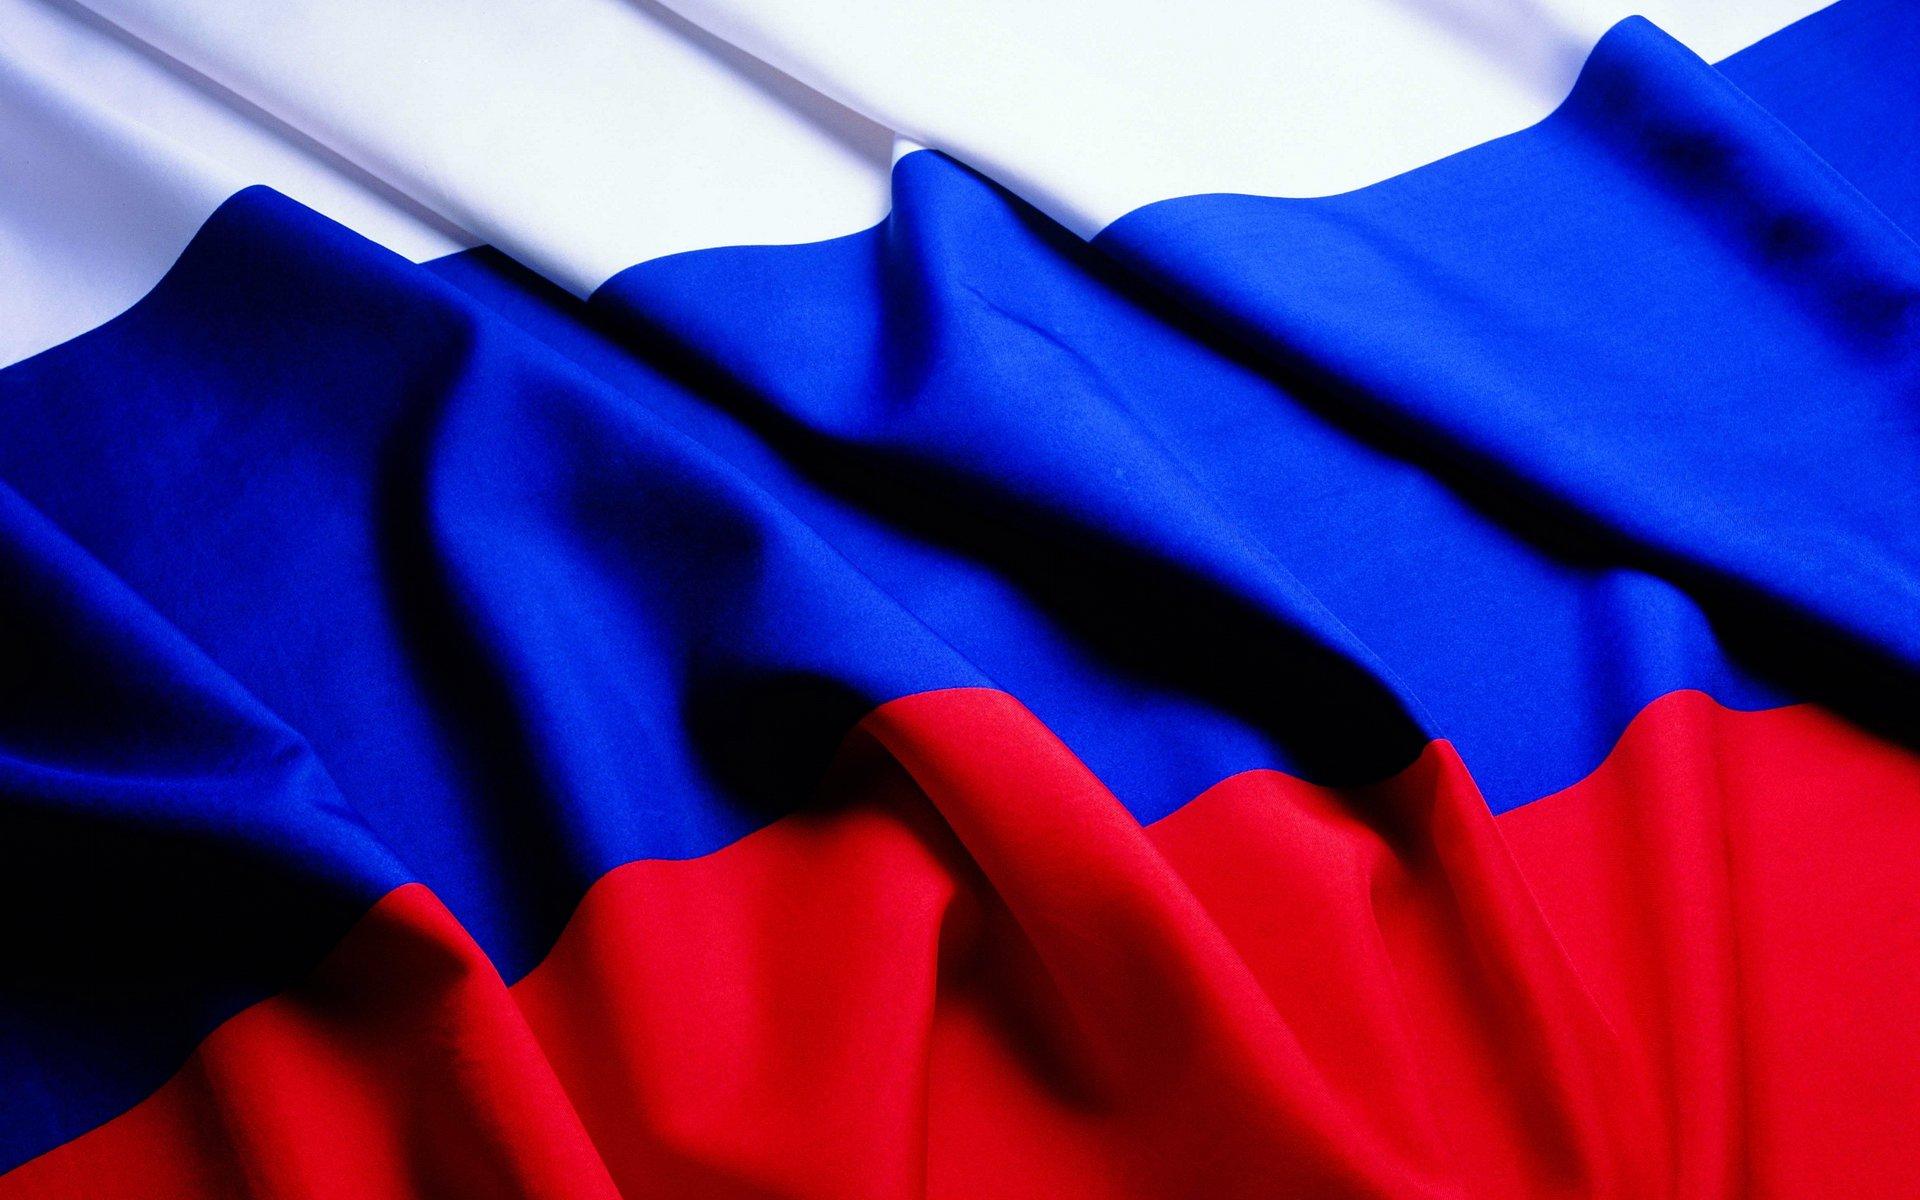 флаг россии качество картинки известность